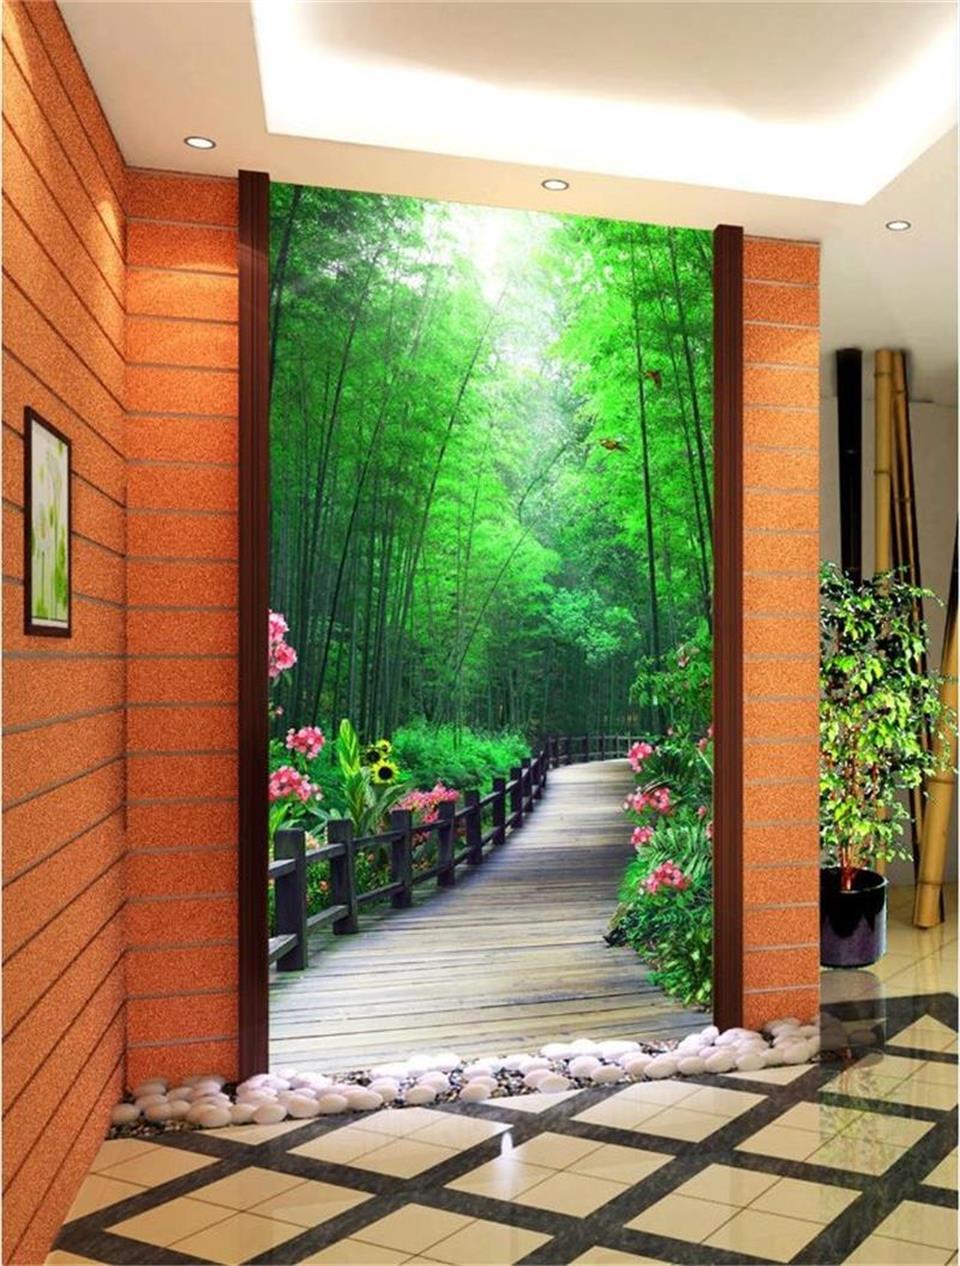 US $14 74 OFF 3d Wallpaper Foto Wallpaper Kustom Mural Teras Hutan Bambu Kayu Jembatan Lukisan Livingroom Latar Belakang Wallpaper Untuk Dinding